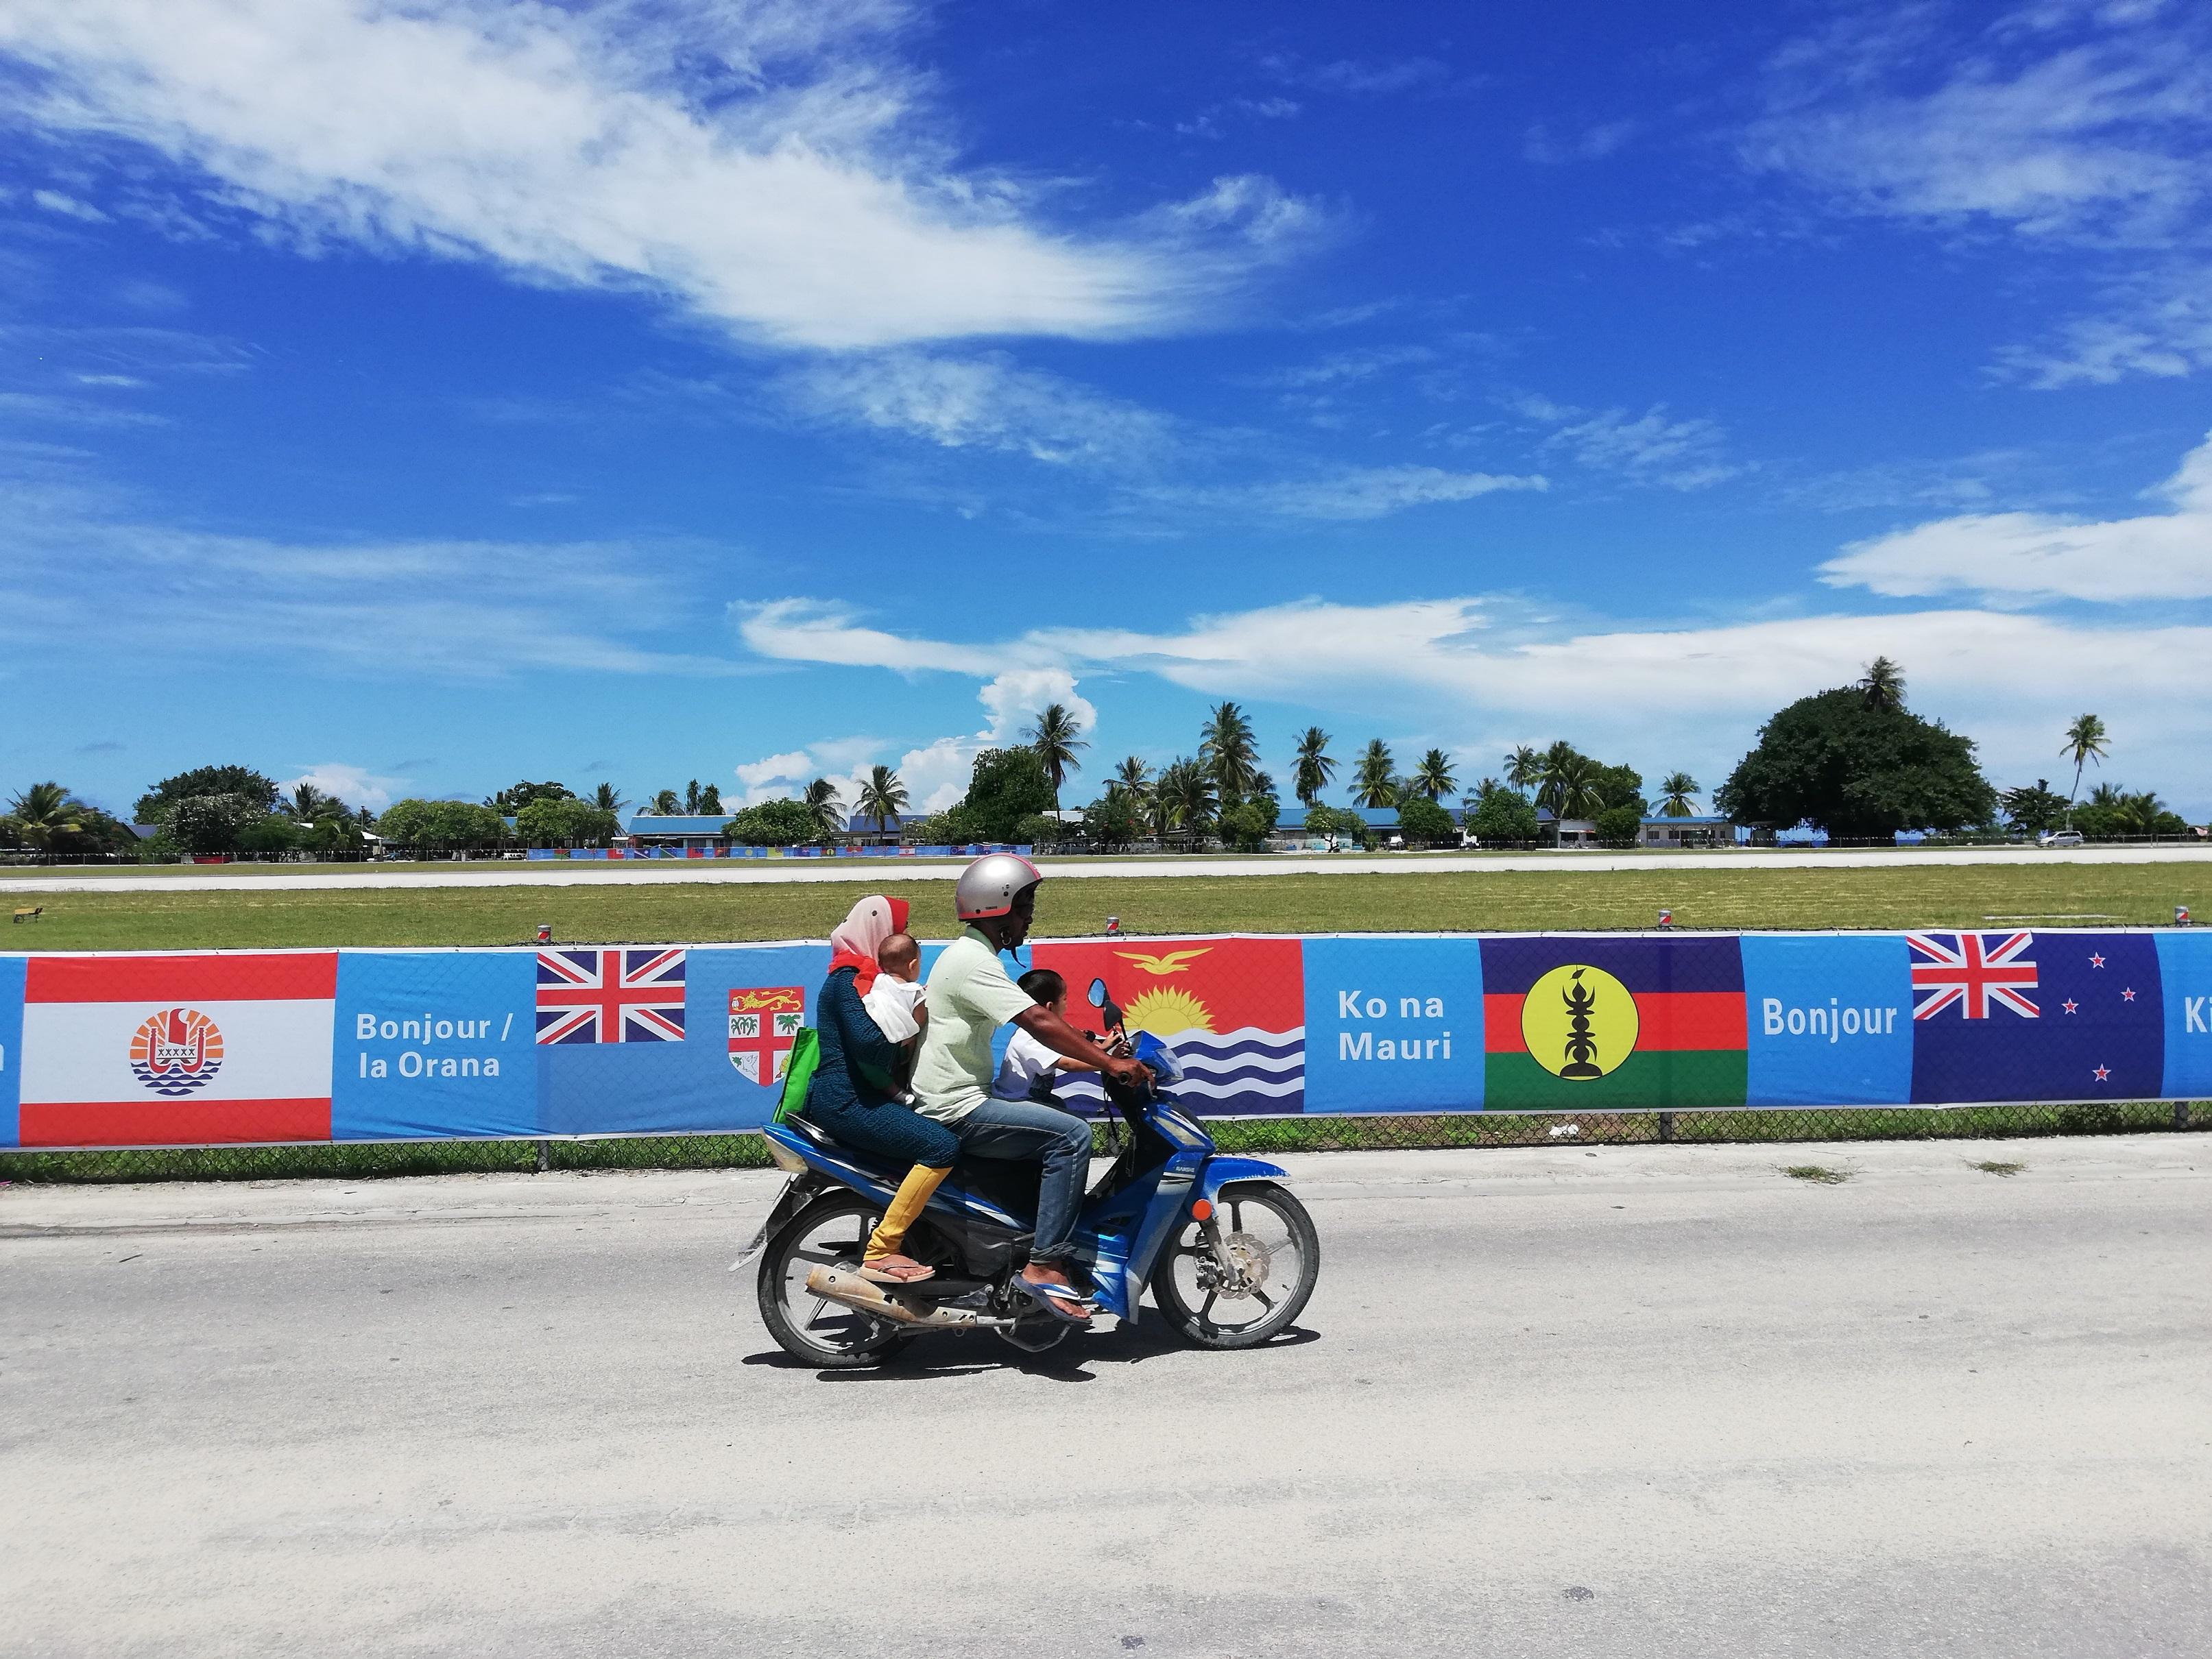 Sur les affiches du Forum qui ornent l'île de Nauru, le drapeau Kanak apparait seul ©Mike Leyral / TNTV